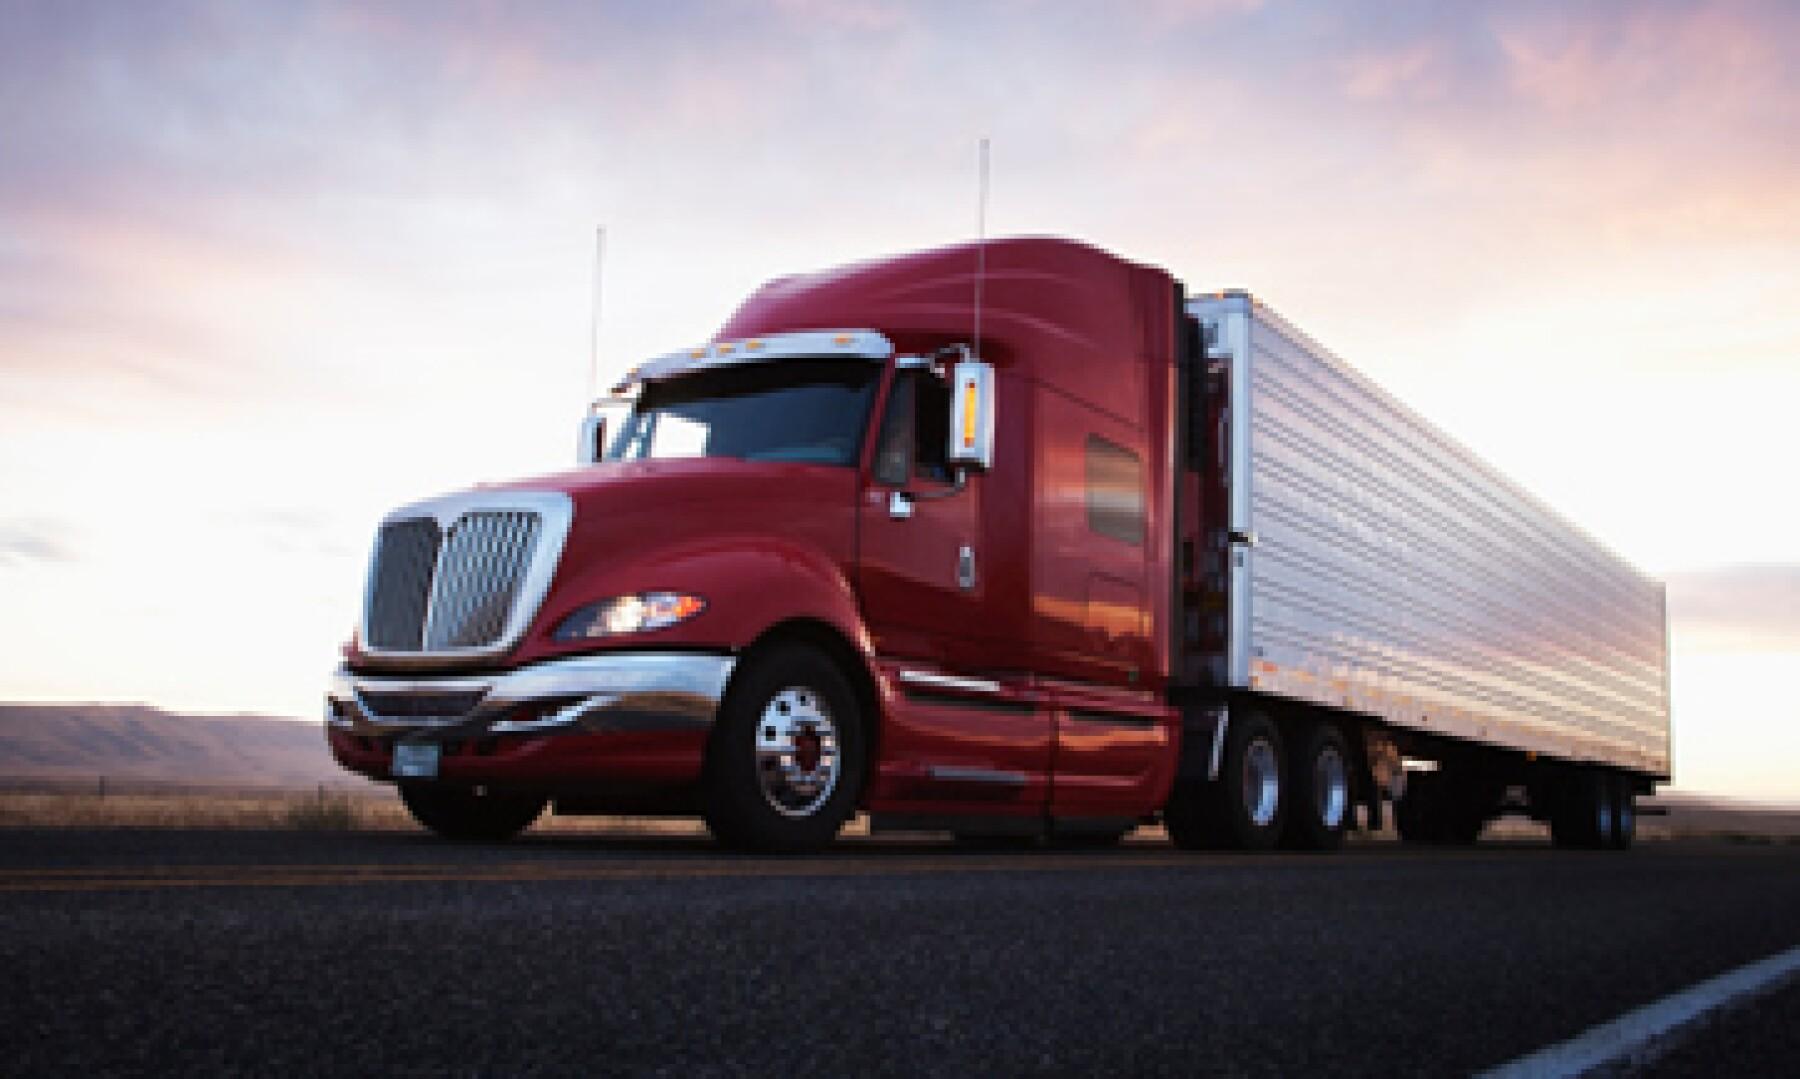 De los 10 millones de camiones de carga que existen en el país, sólo son rastreadas 600,000 unidades.  (Foto: Getty Images)